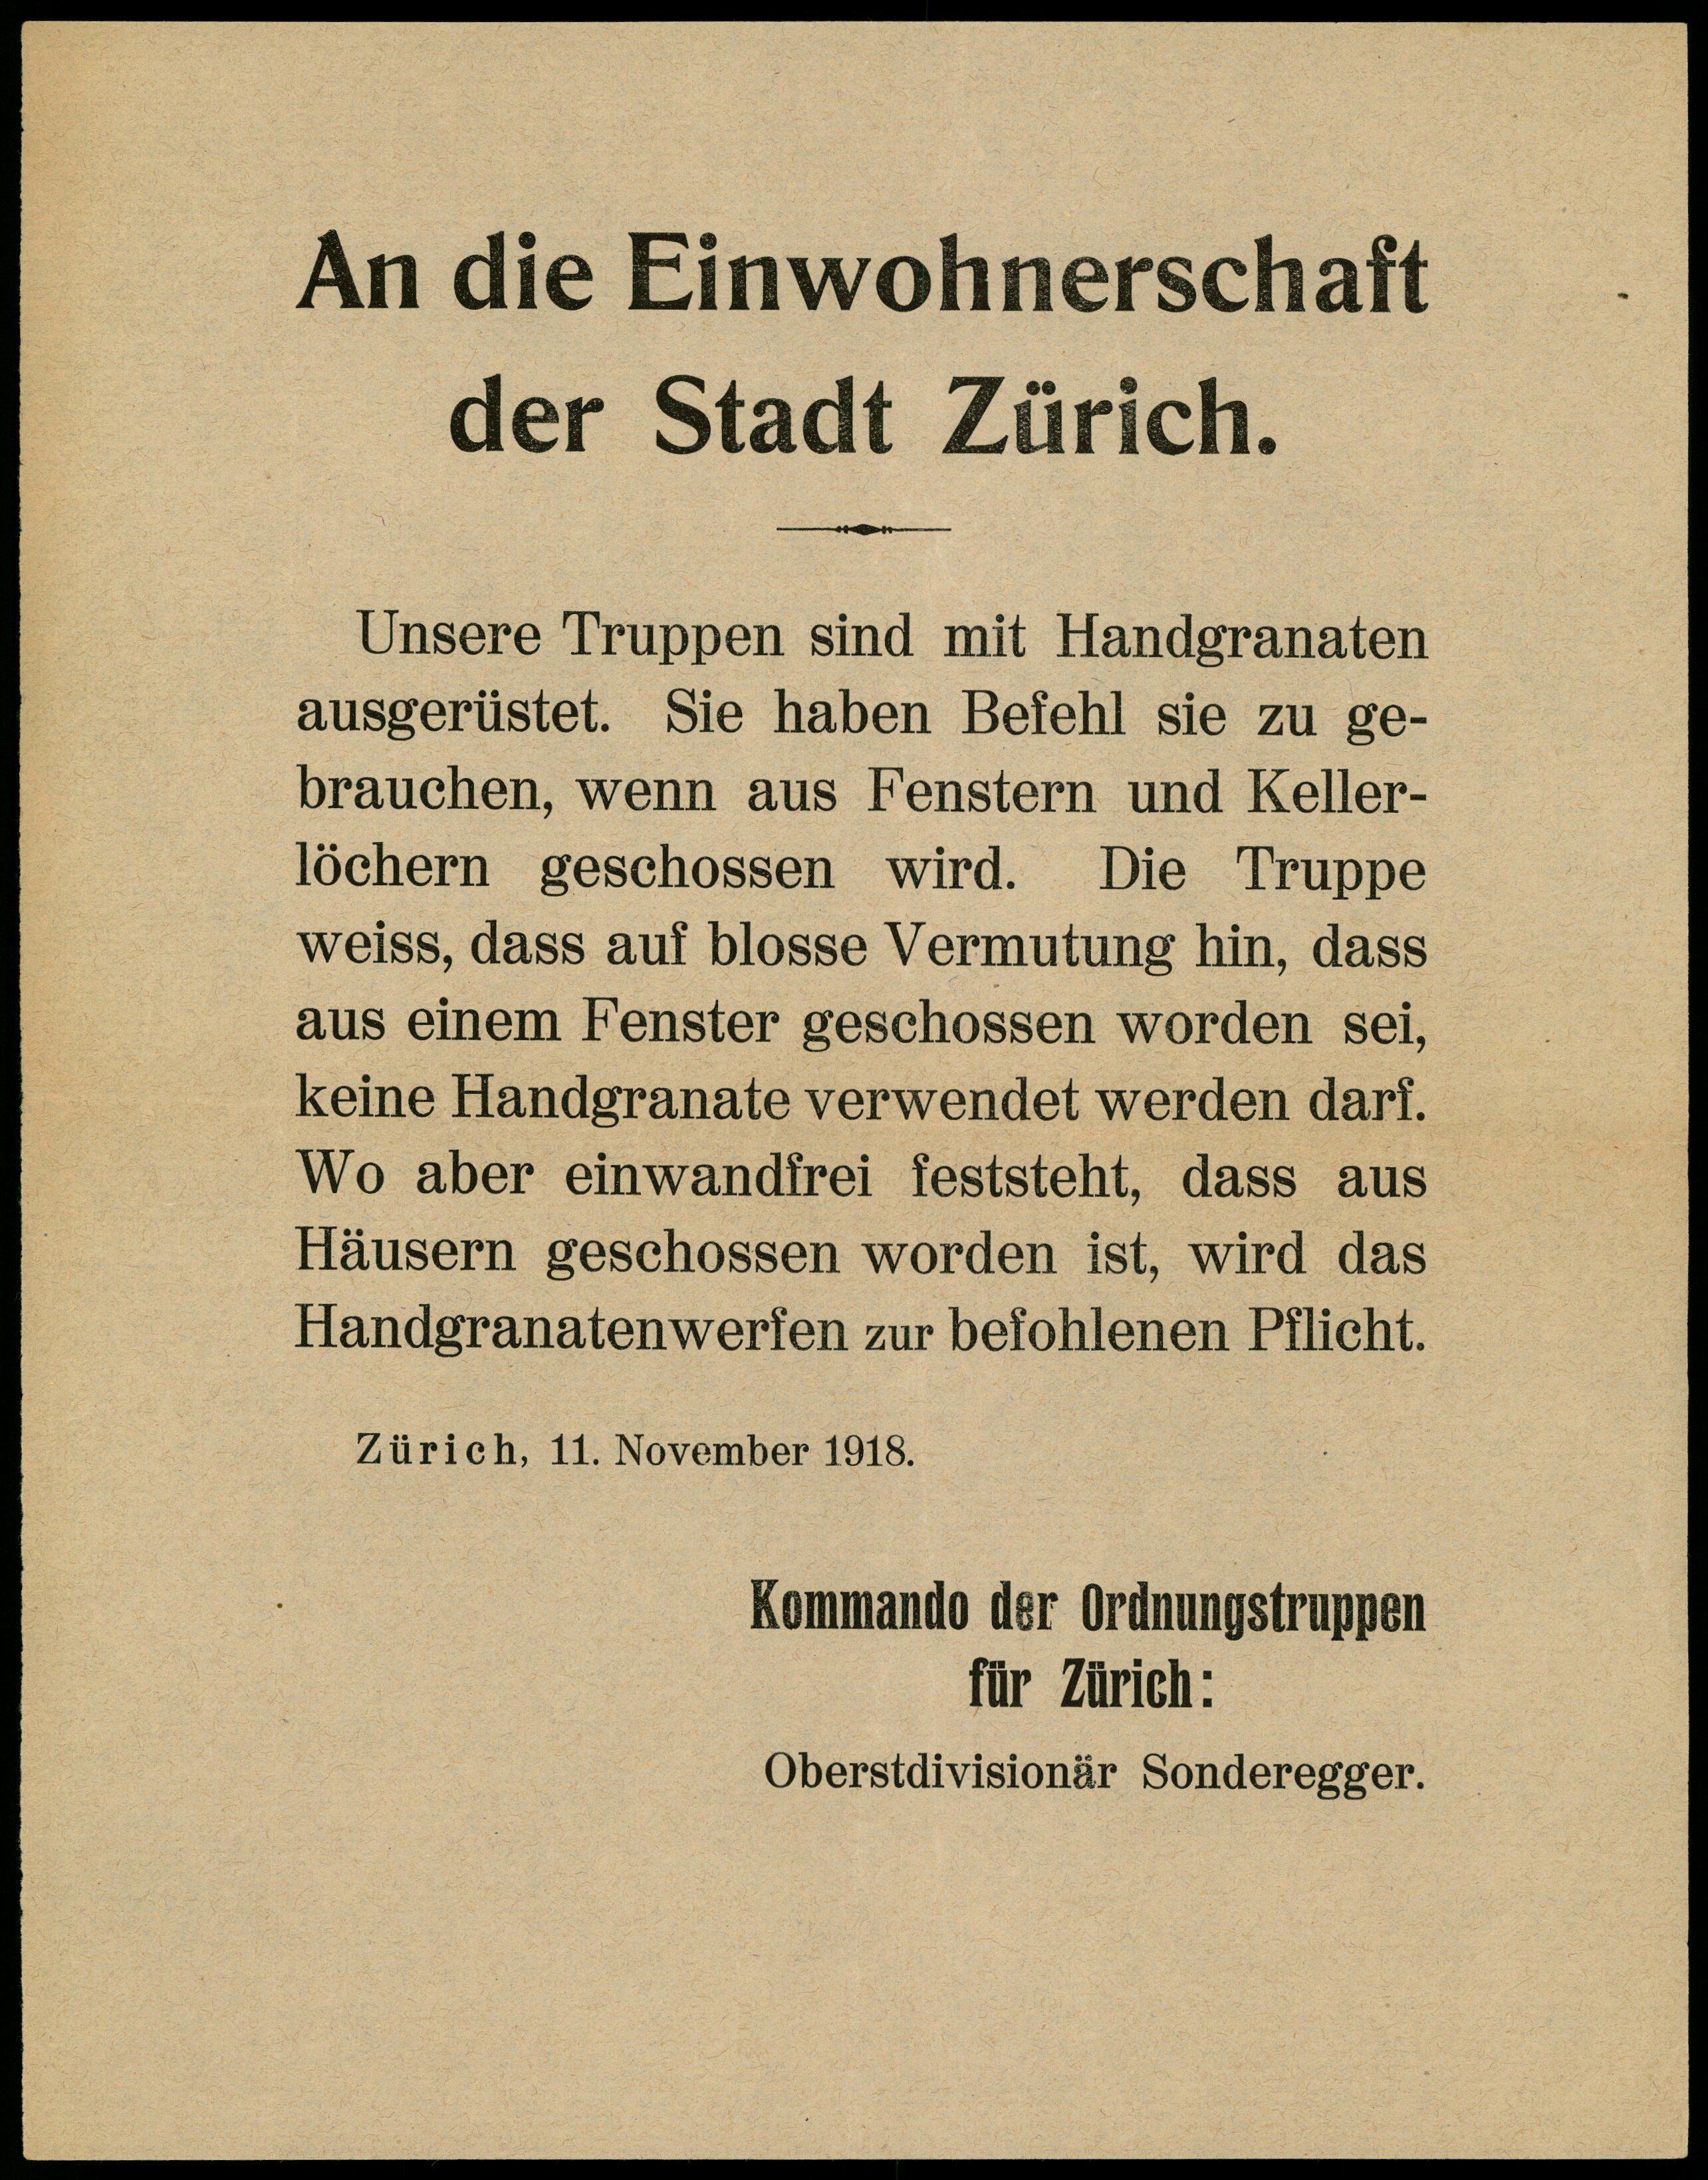 Dateimahnung Zürcher Einwohnerschaftjpg Wikipedia